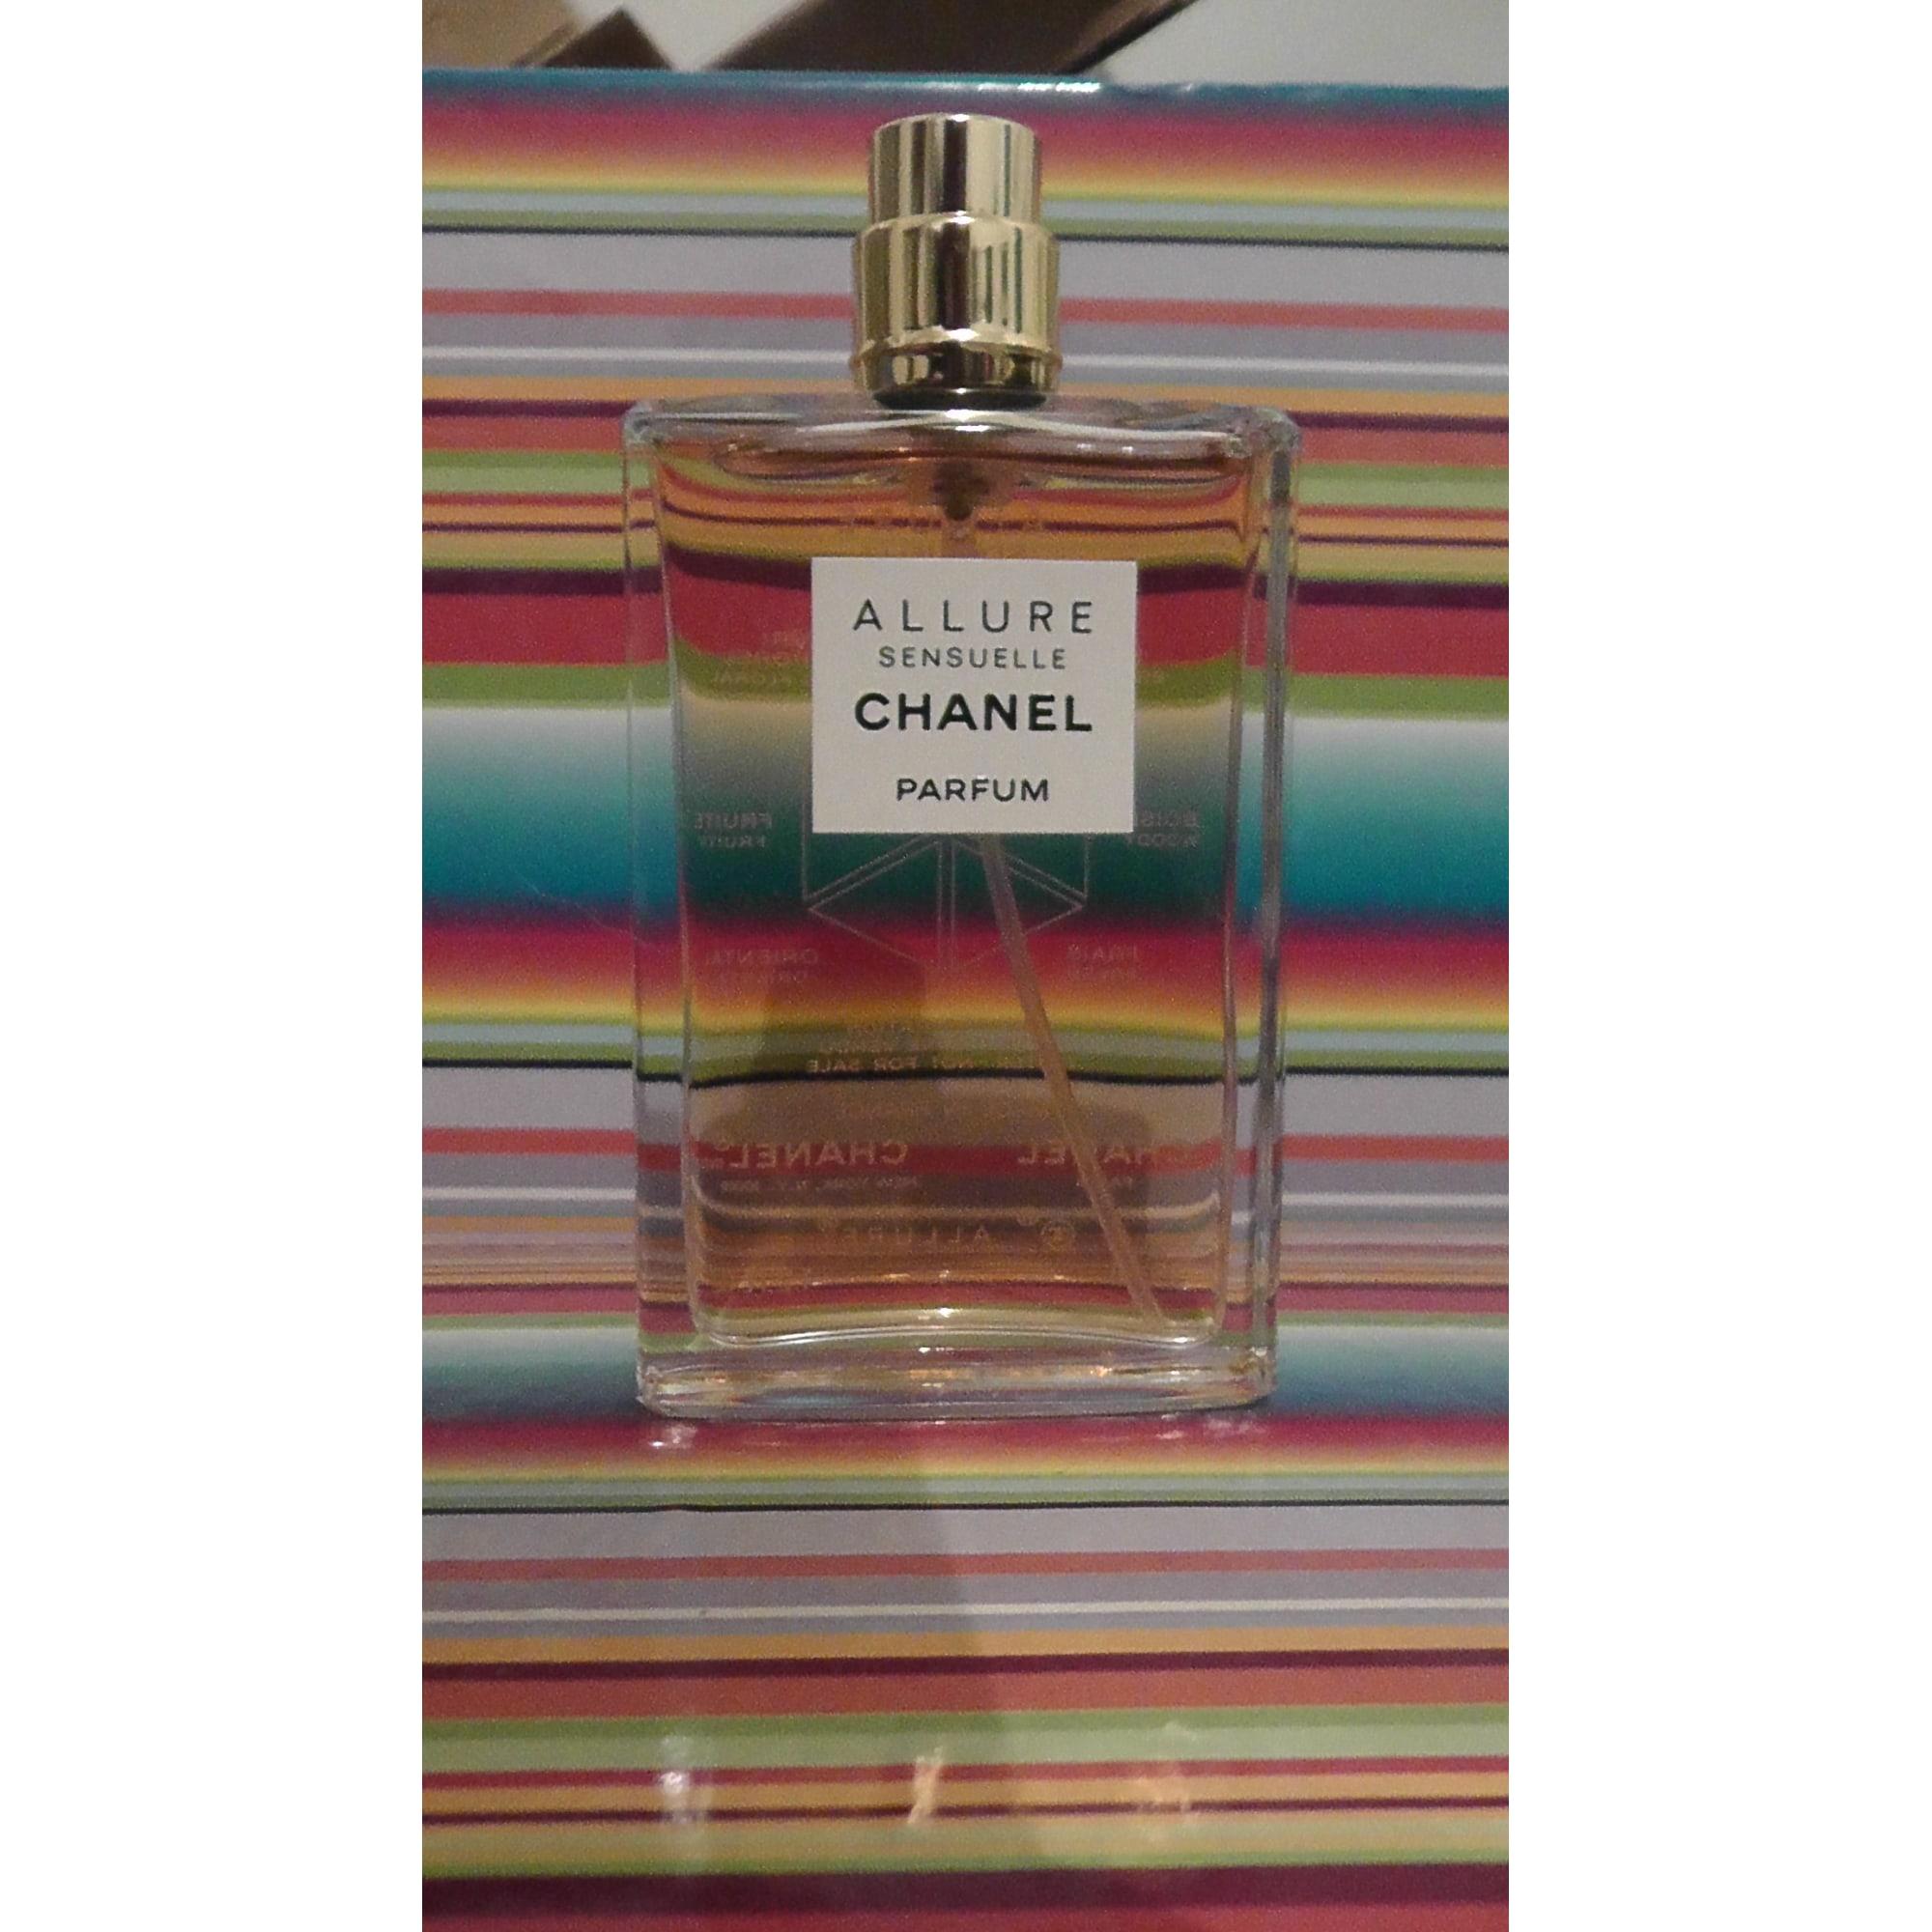 Extrait De Parfum Essence Chanel Vendu Par Lilou Dressing 860955